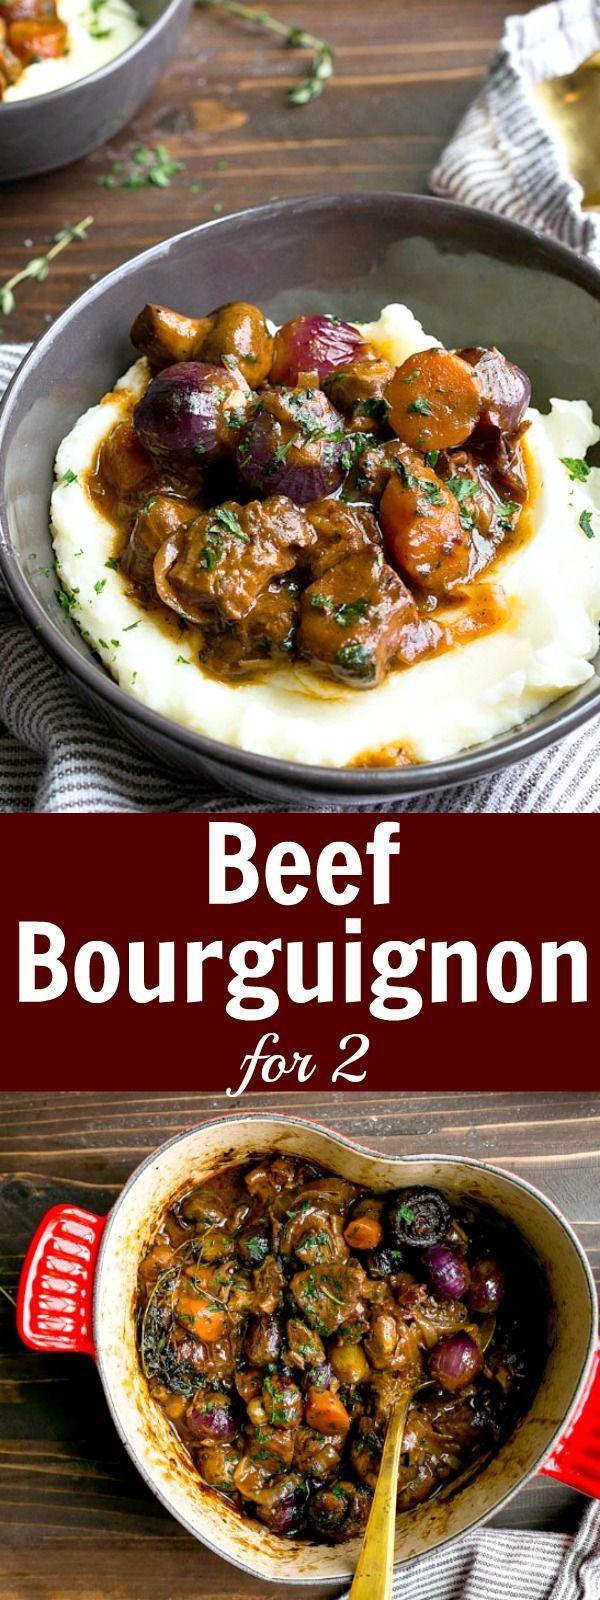 Mini Coconut Cream Pies Beef Bourguignon Romantic Dinner Recipes Food Recipes